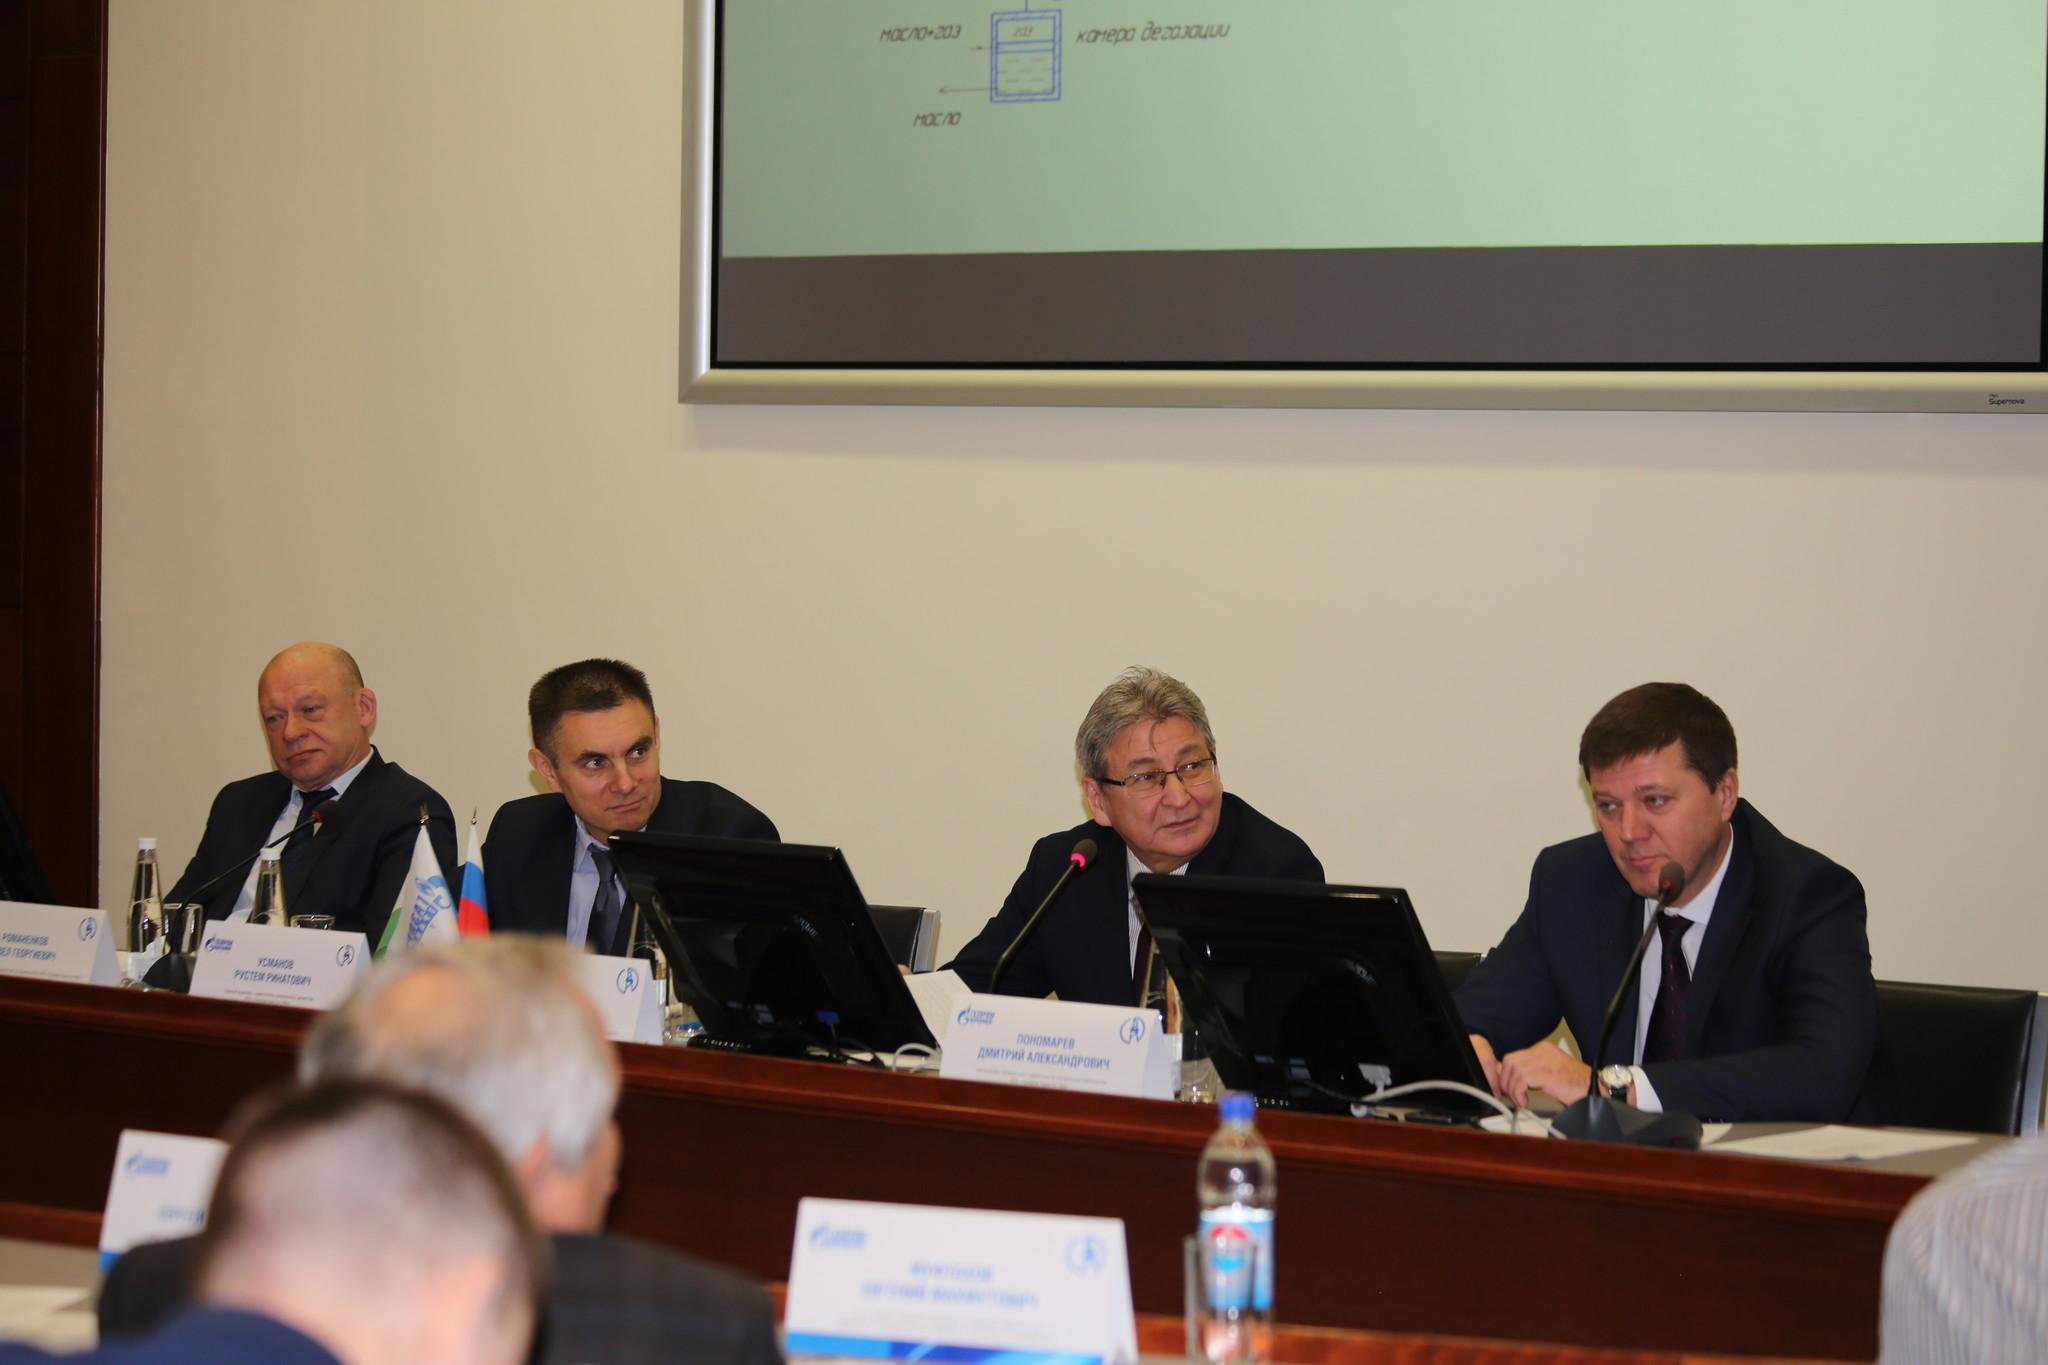 В ООО Газпром трансгаз Уфа завершилась защита выпускных  Увеличенная фотография jpg 265 КБ